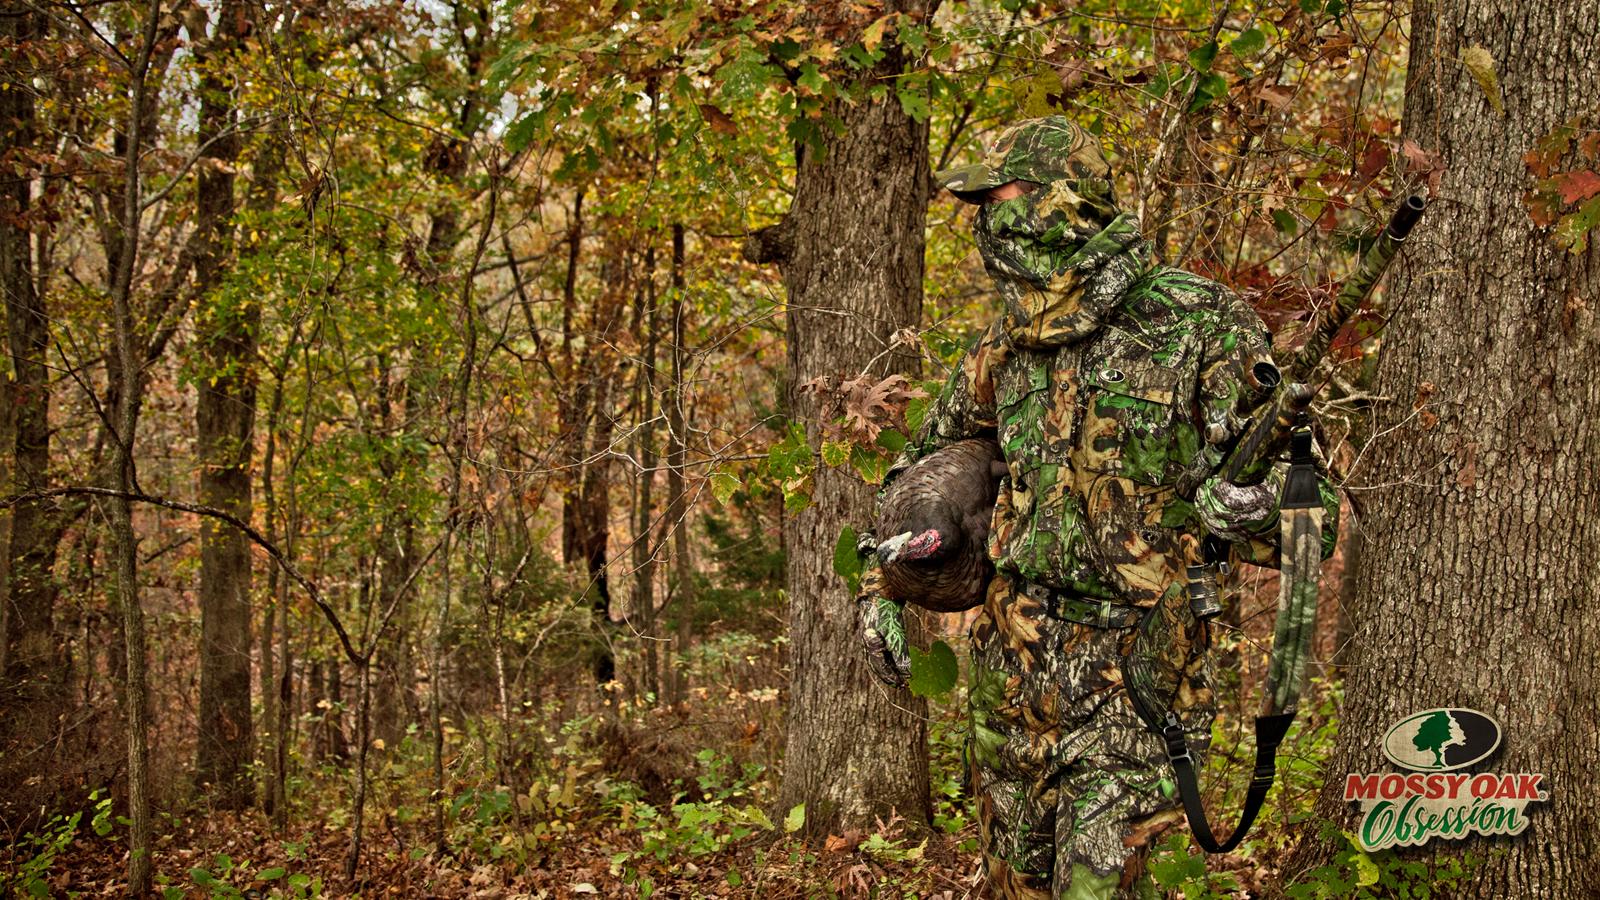 Mossy Oak Deer Hunting - HD Wallpaper